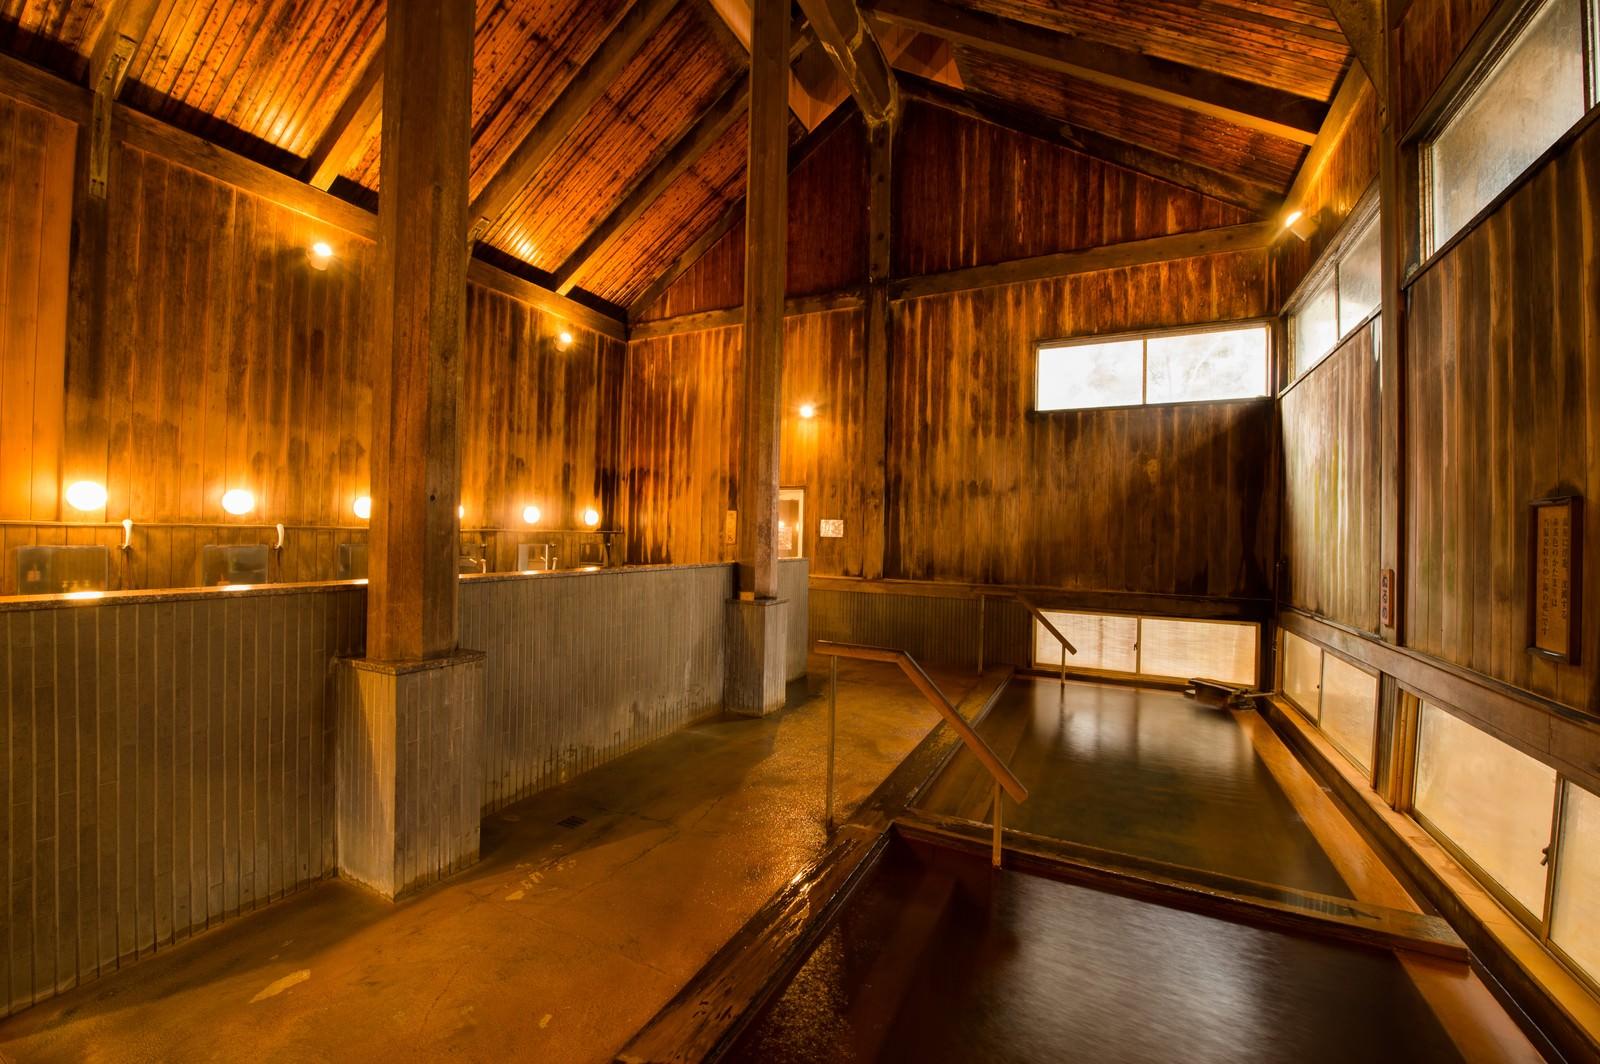 「老舗旅館の風格がある木造の内湯温泉」の写真